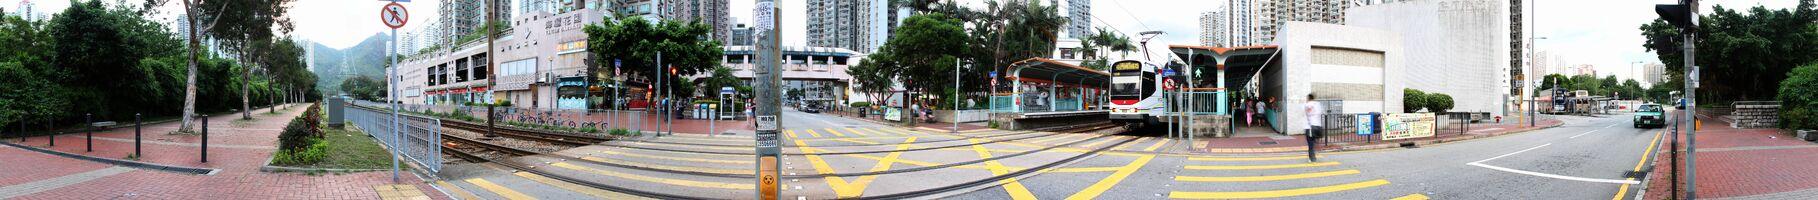 建生站全景圖,可見建生站後面為通往建生巴士總站的良運街